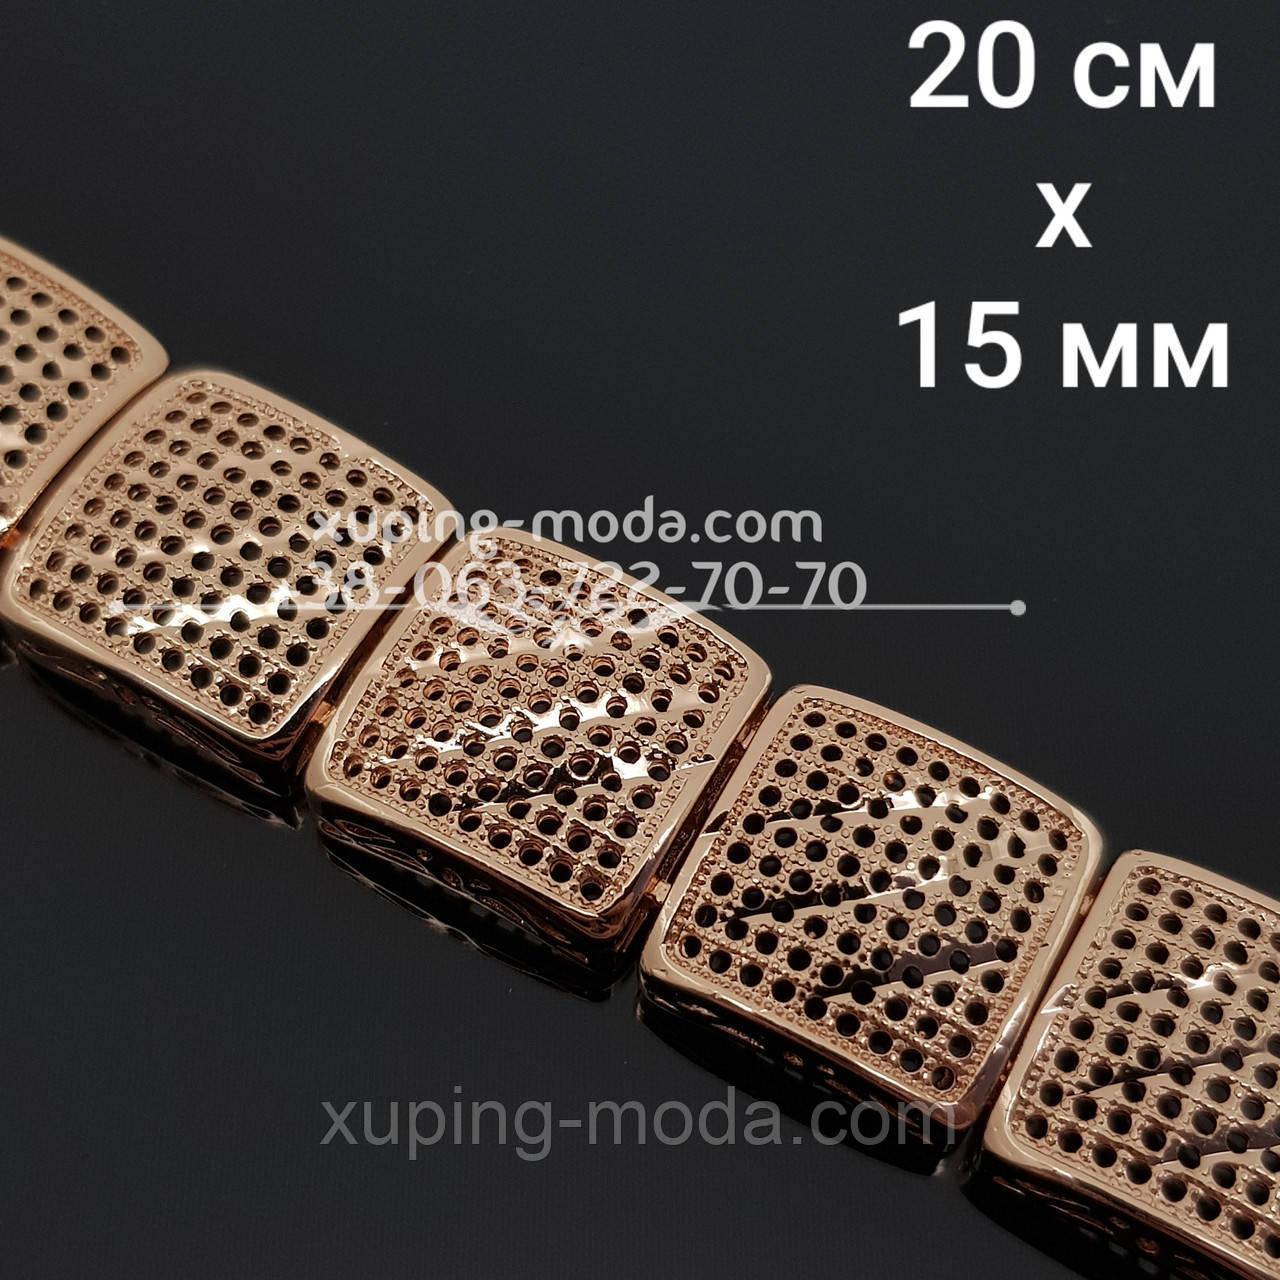 Красивый браслет по низкой цене